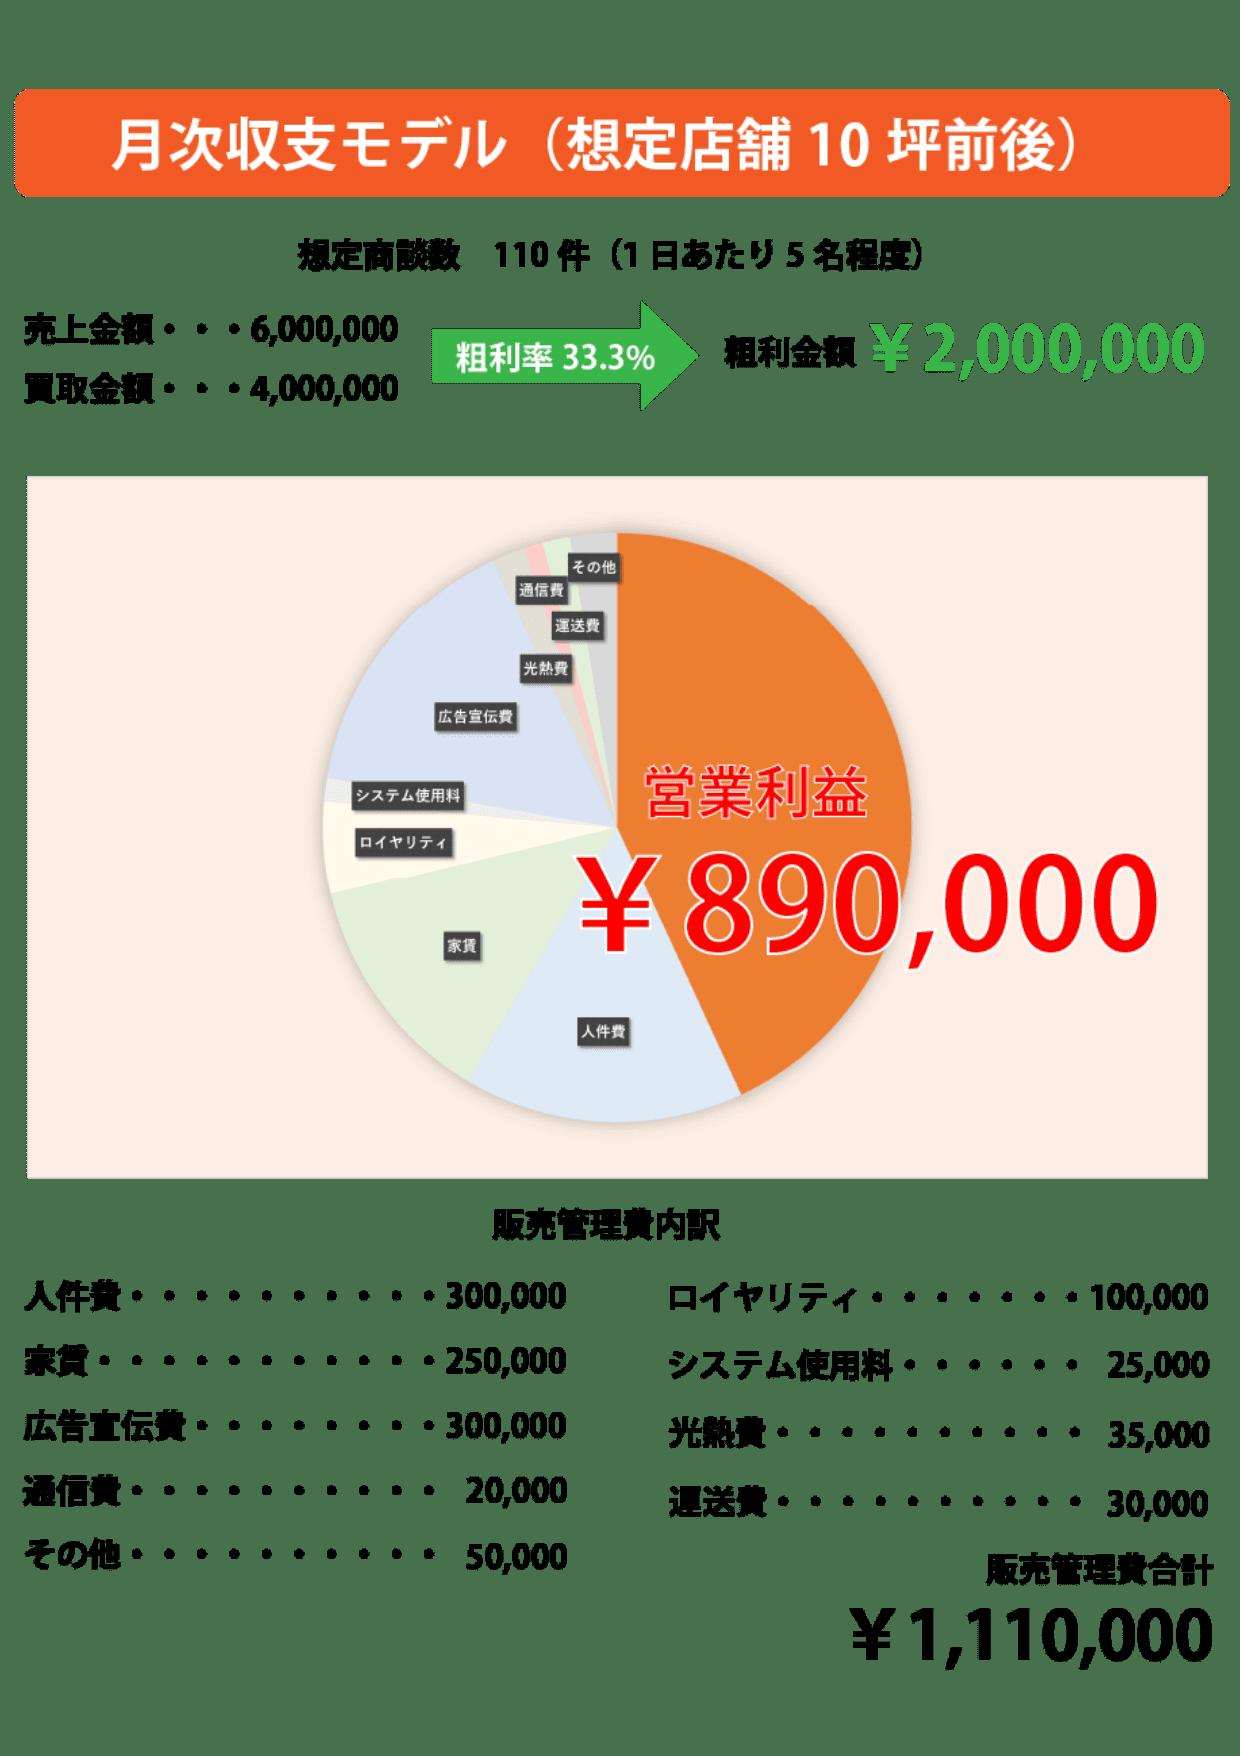 月次収支モデルの図